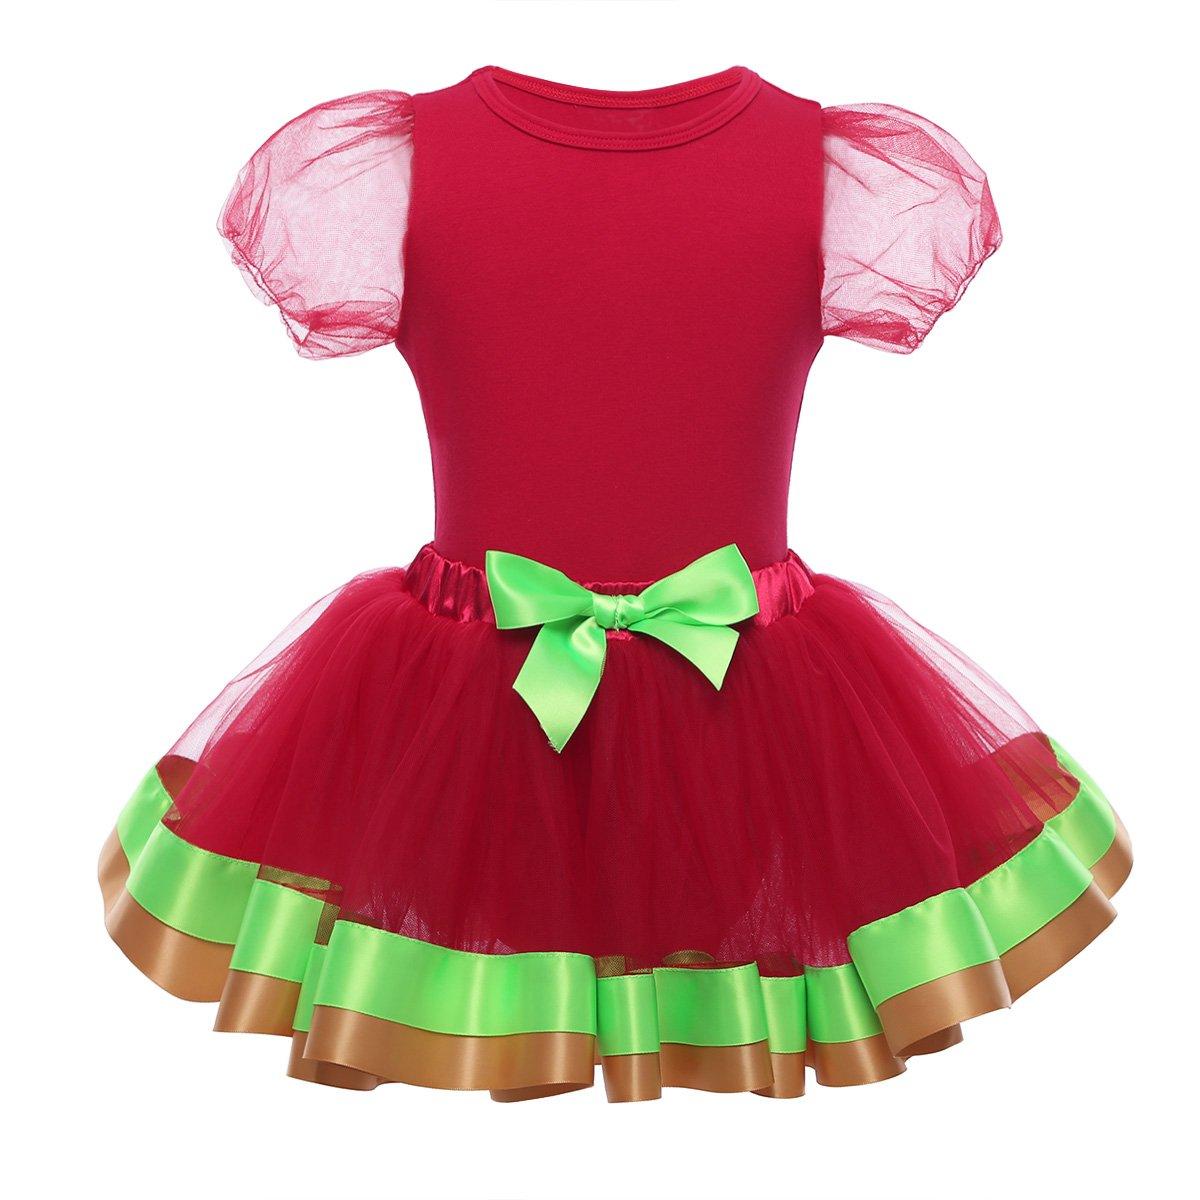 9614a74747b63 MSemis Bébé Fille Déguisement de Santa Robe de Noël Body Combinaison à  Manche Courte Bodysuit Tutu Robe Nouvelle Année Rouge ...